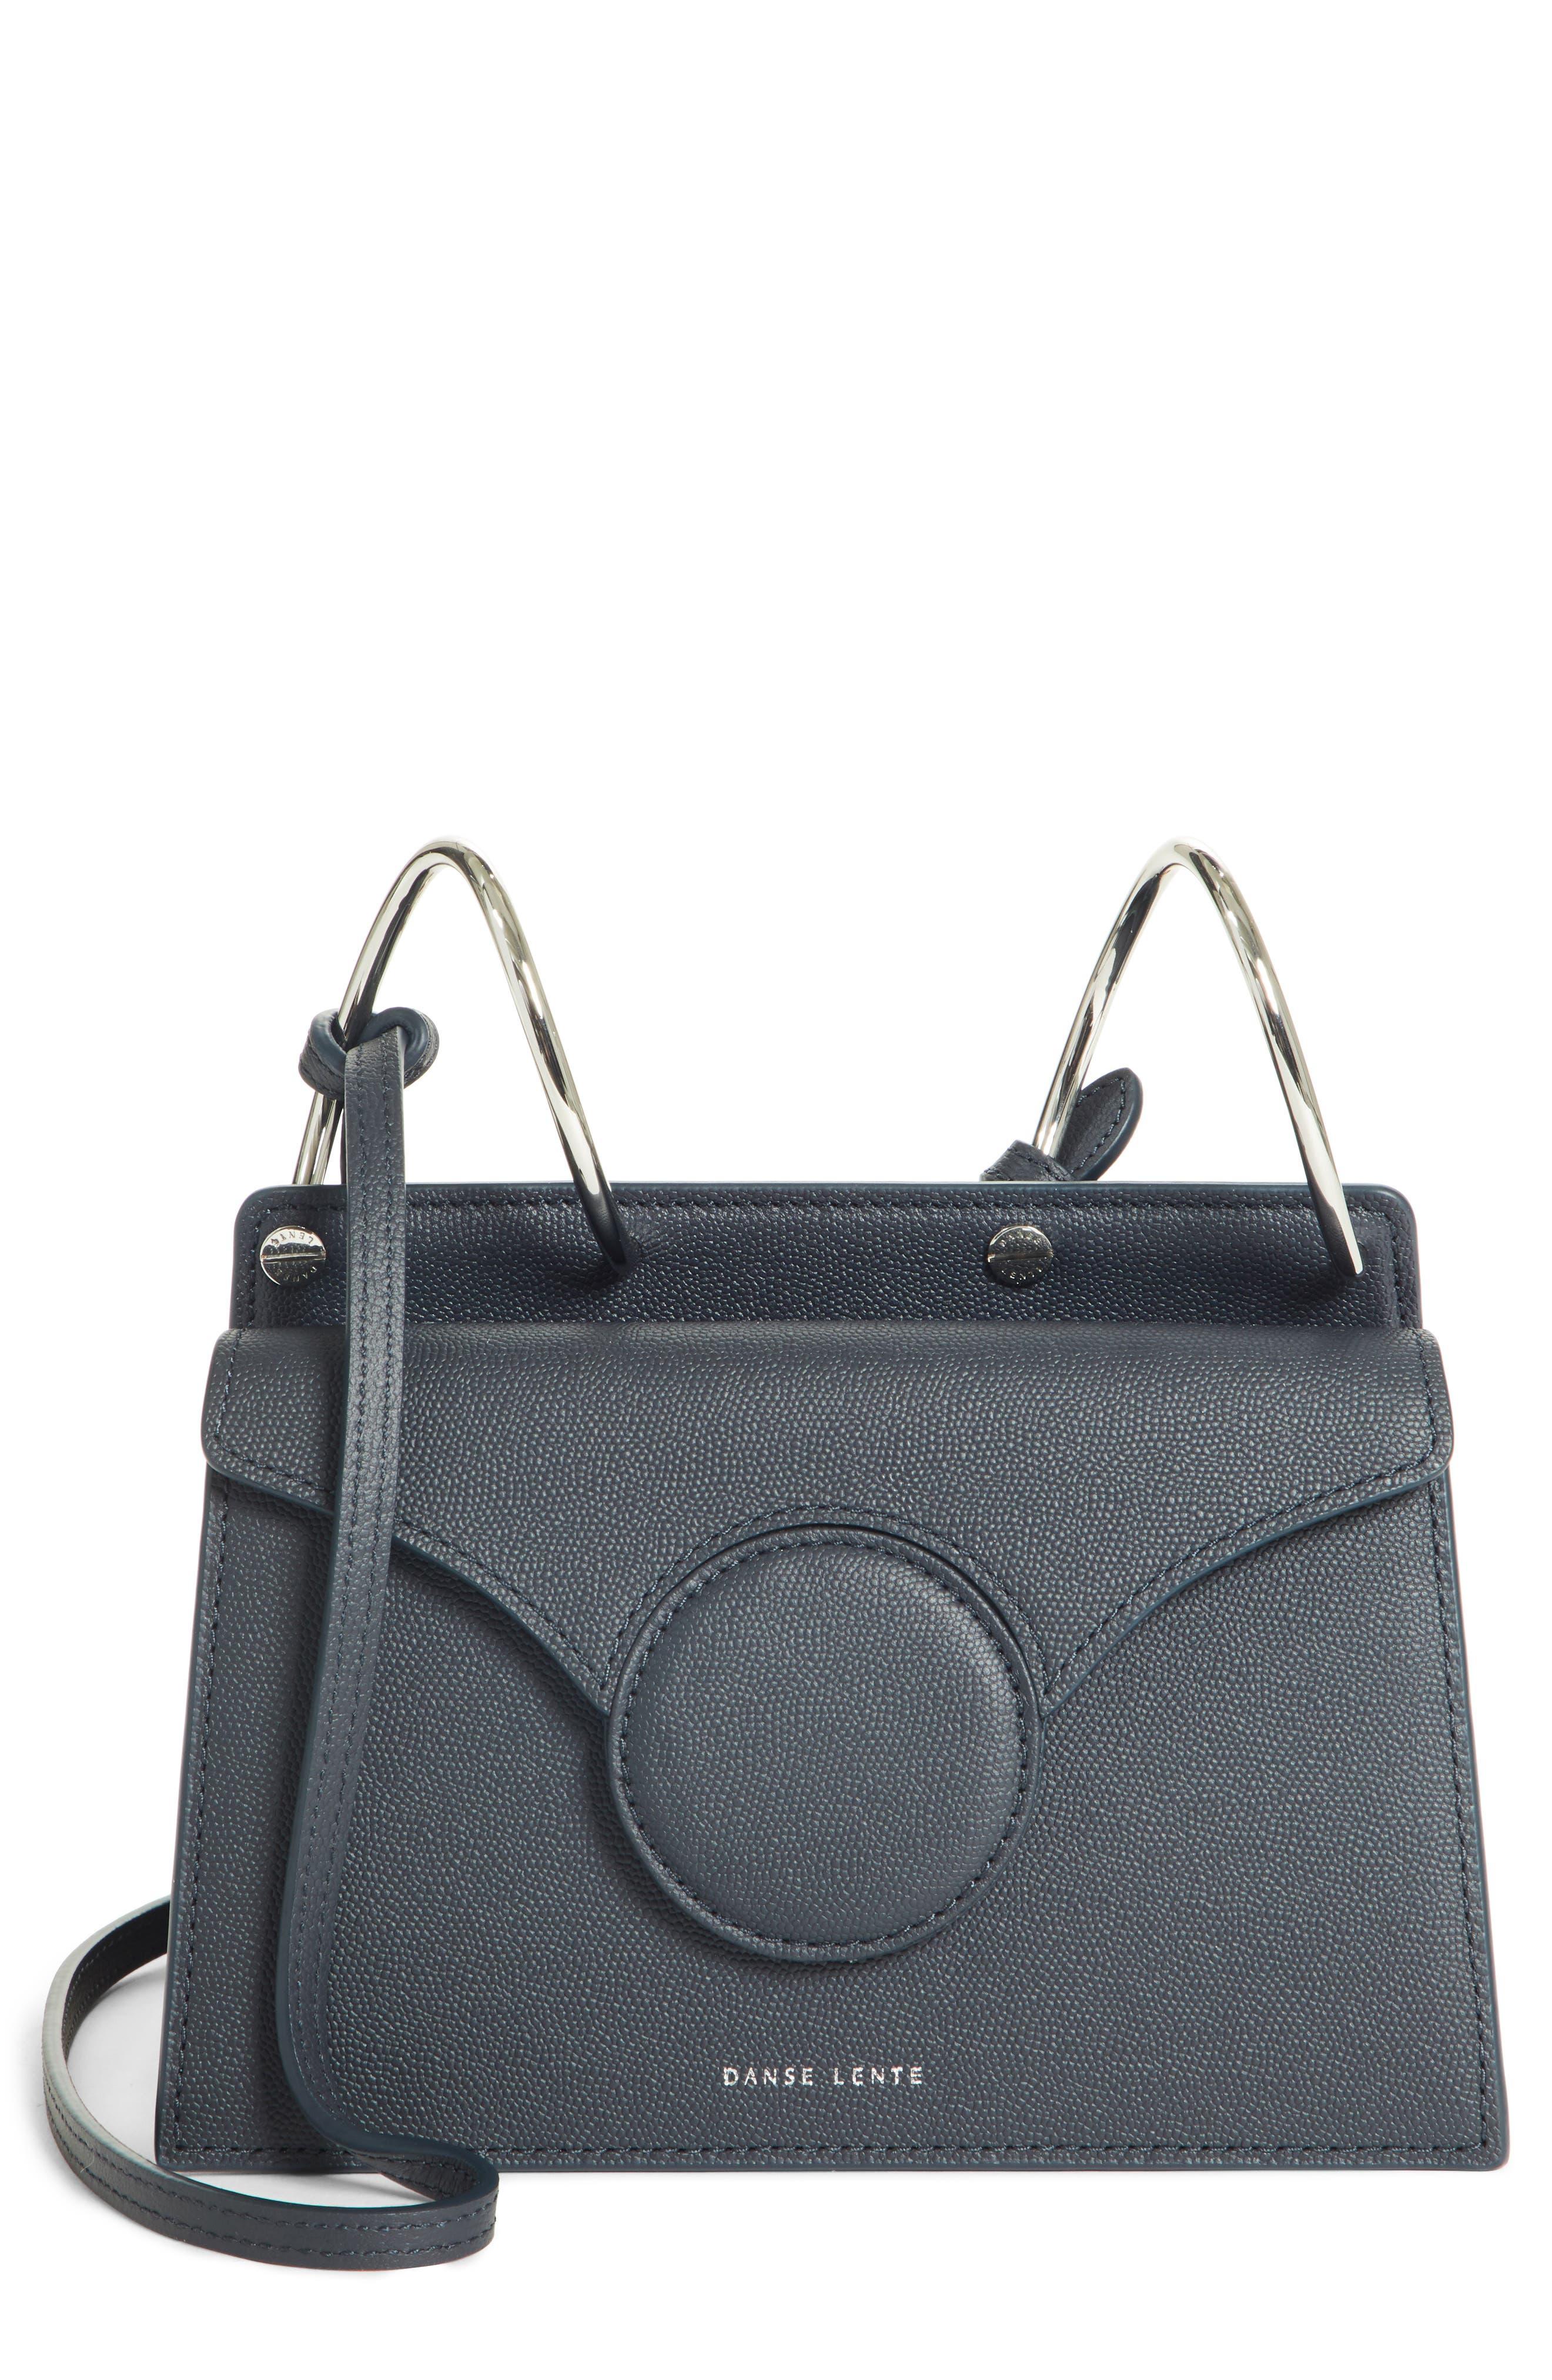 Danse Lente Handbags   Wallets for Women  5906ec1baa0b7